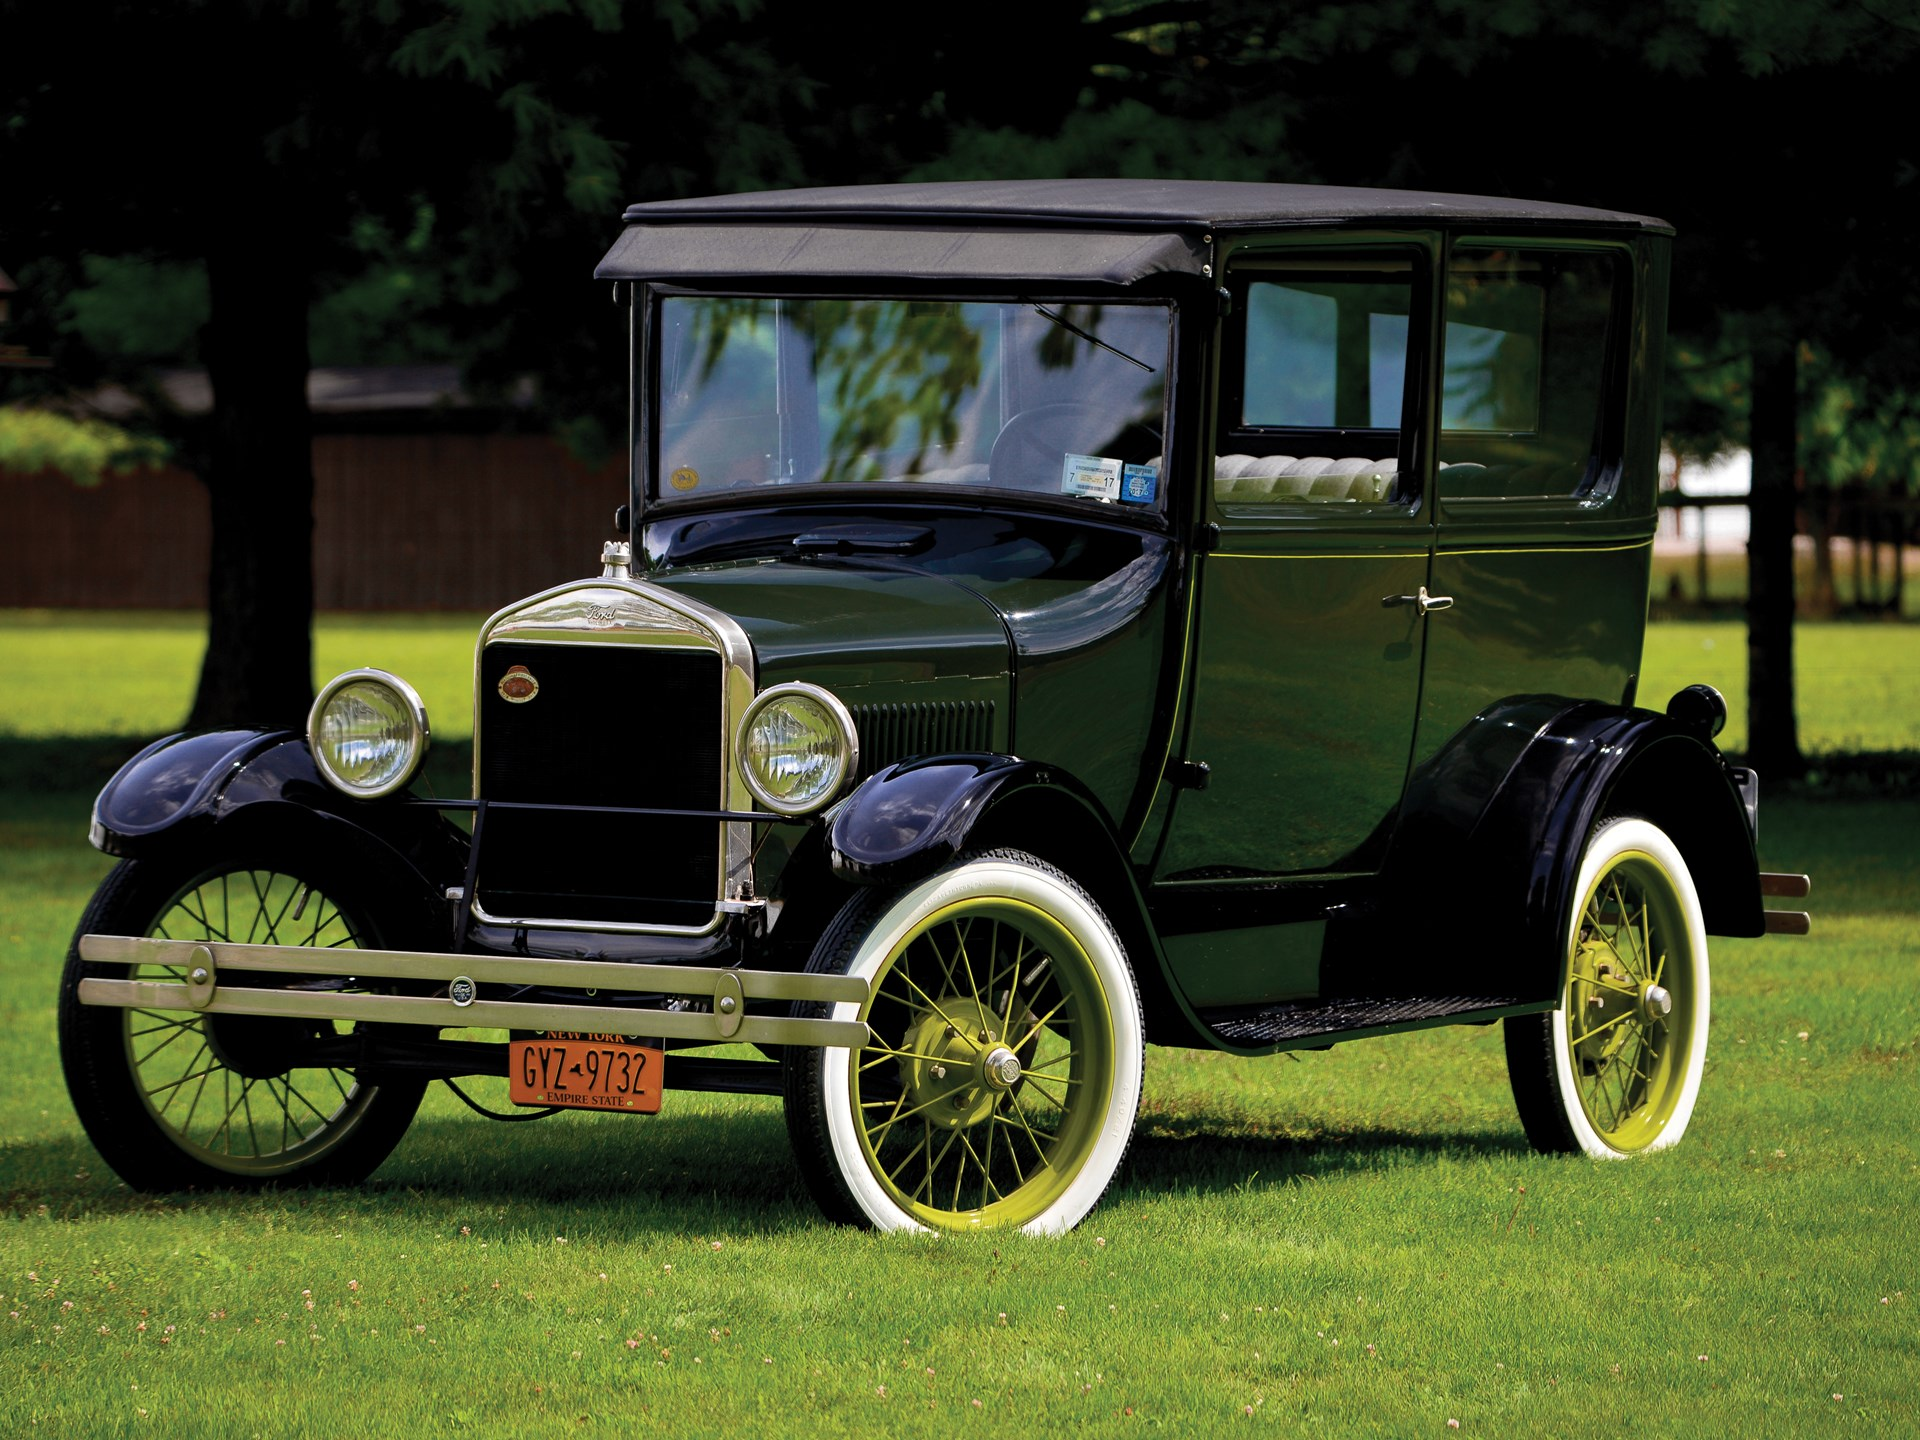 rm sotheby 39 s 1926 ford model t hershey 2017. Black Bedroom Furniture Sets. Home Design Ideas